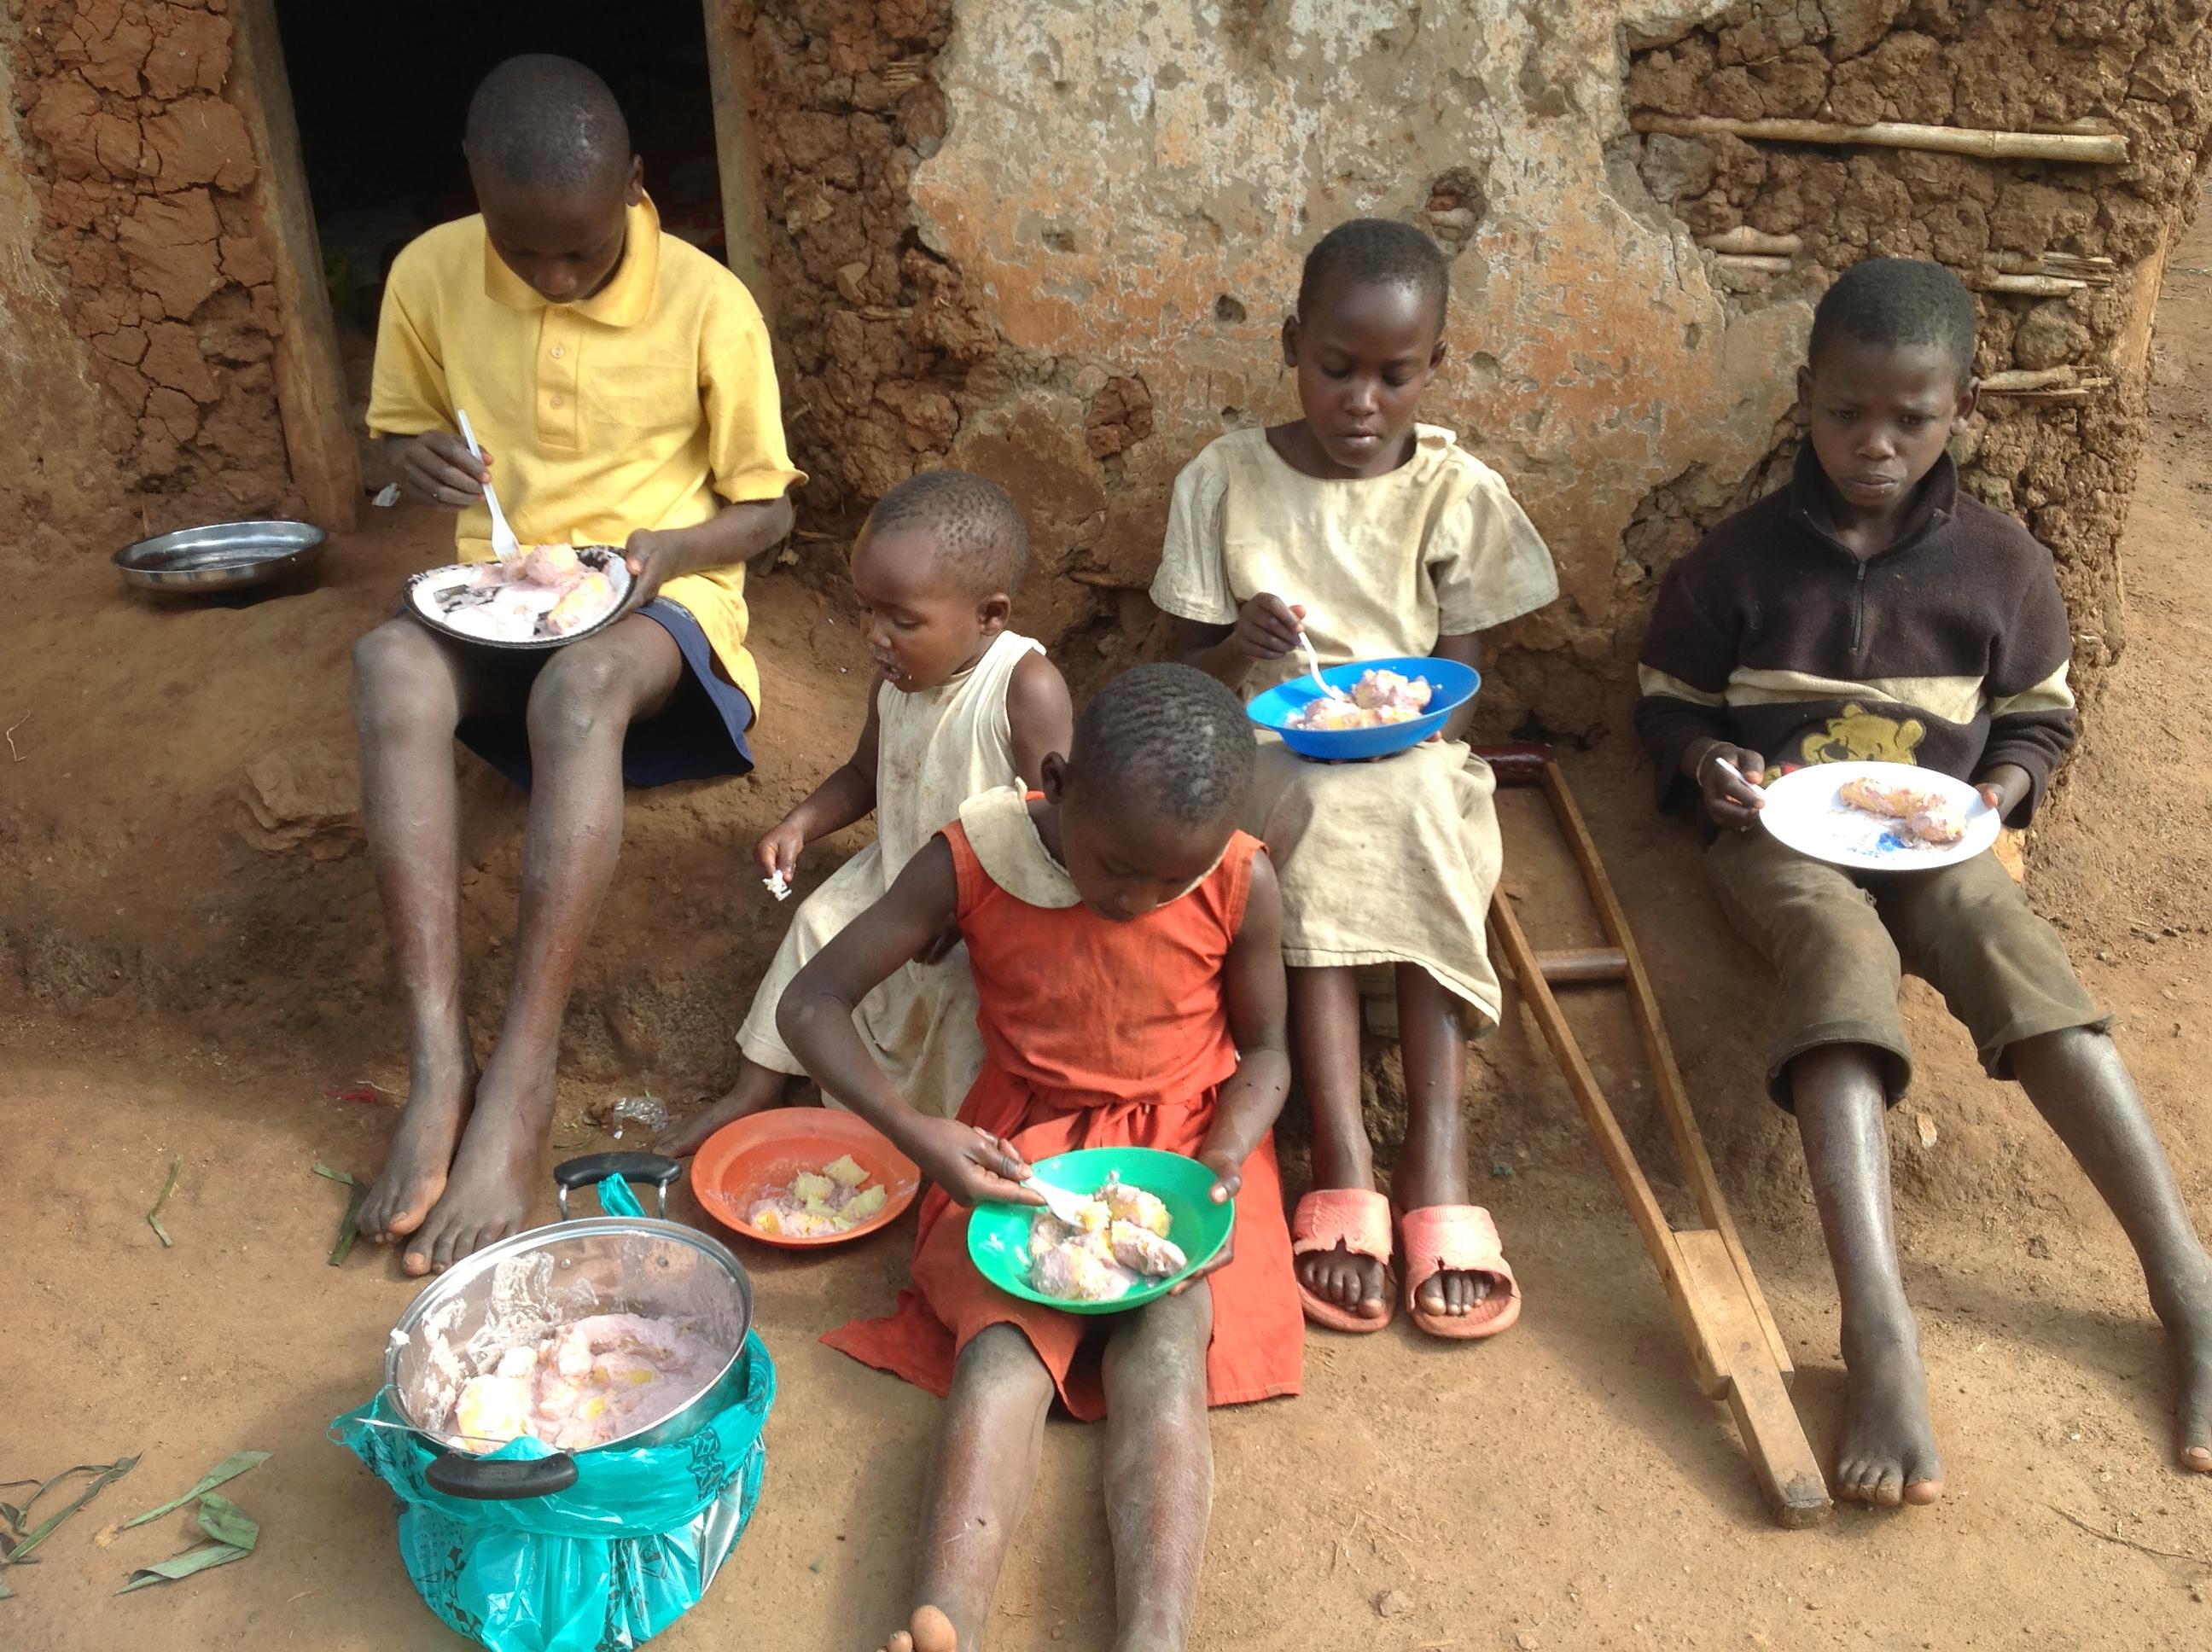 Feeding Five Children